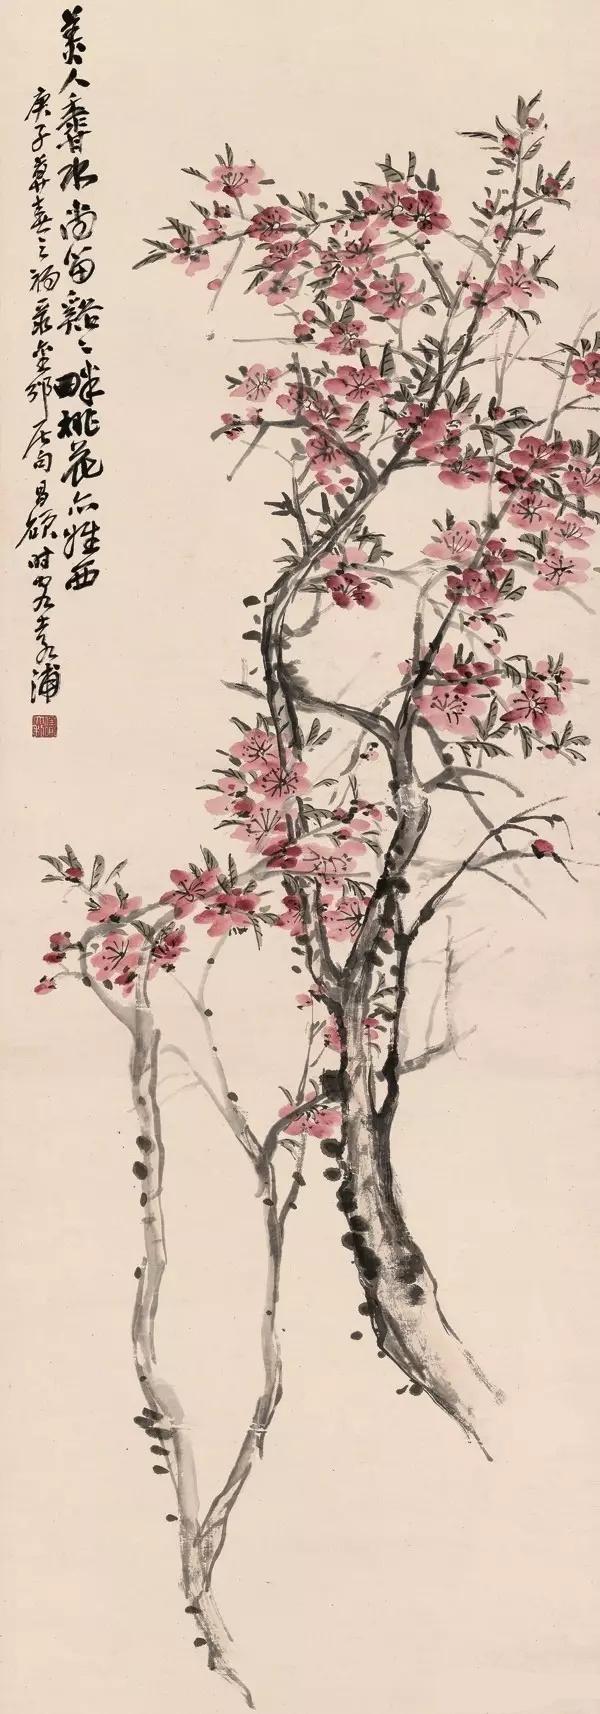 吴昌硕诗书画印研究